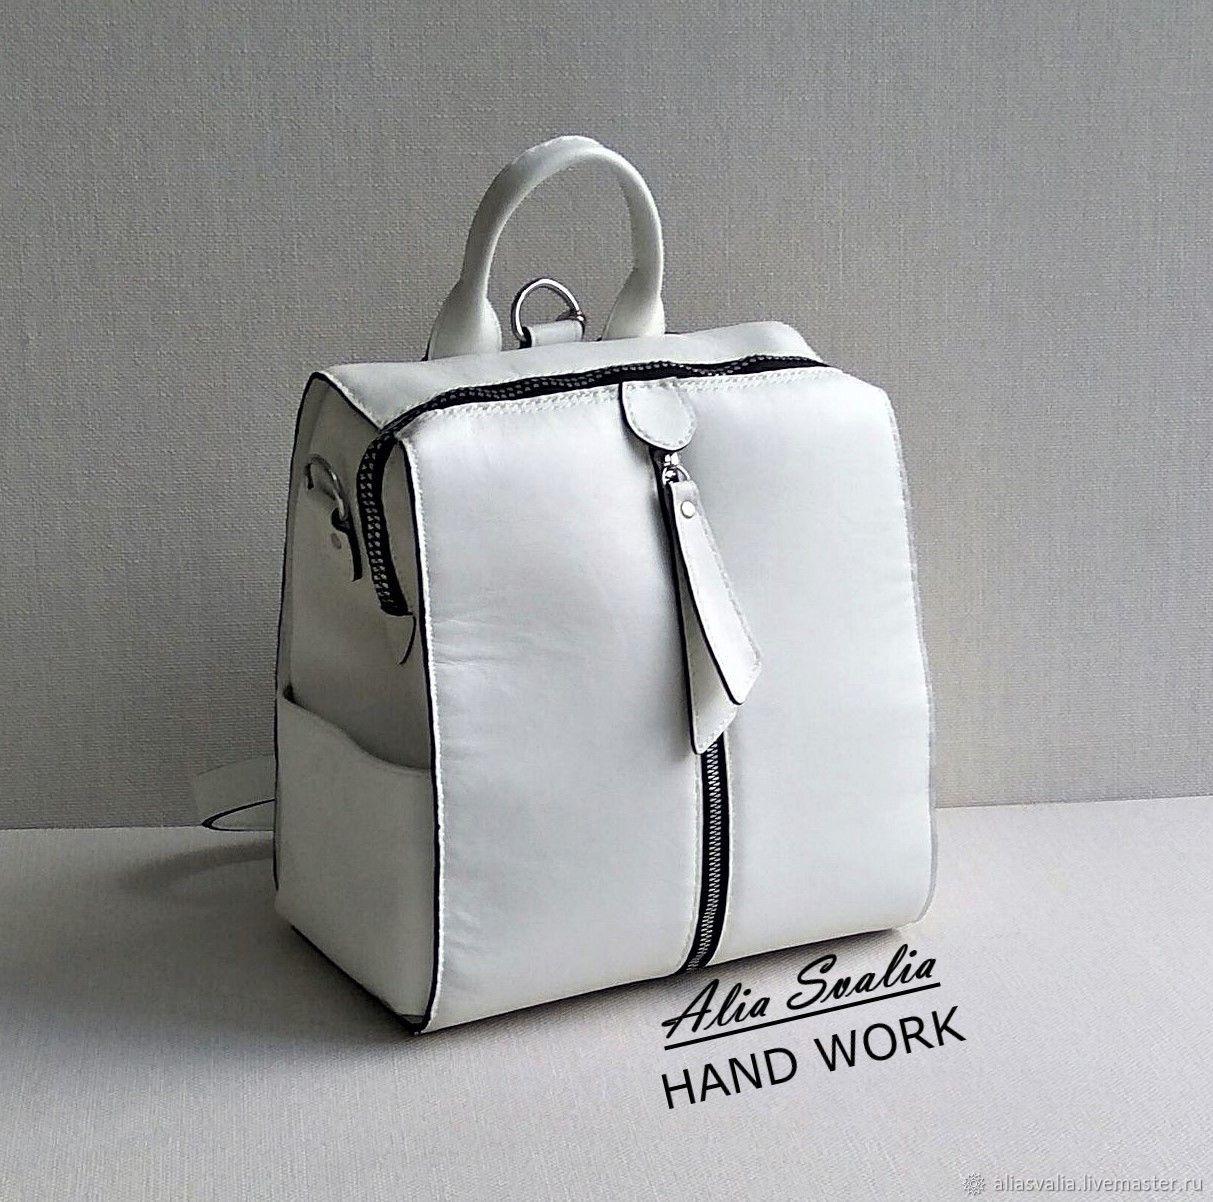 Рюкзак белый кожаный W0194.Ручная работа.AliaSvalia, Рюкзаки, Калининград,  Фото №1